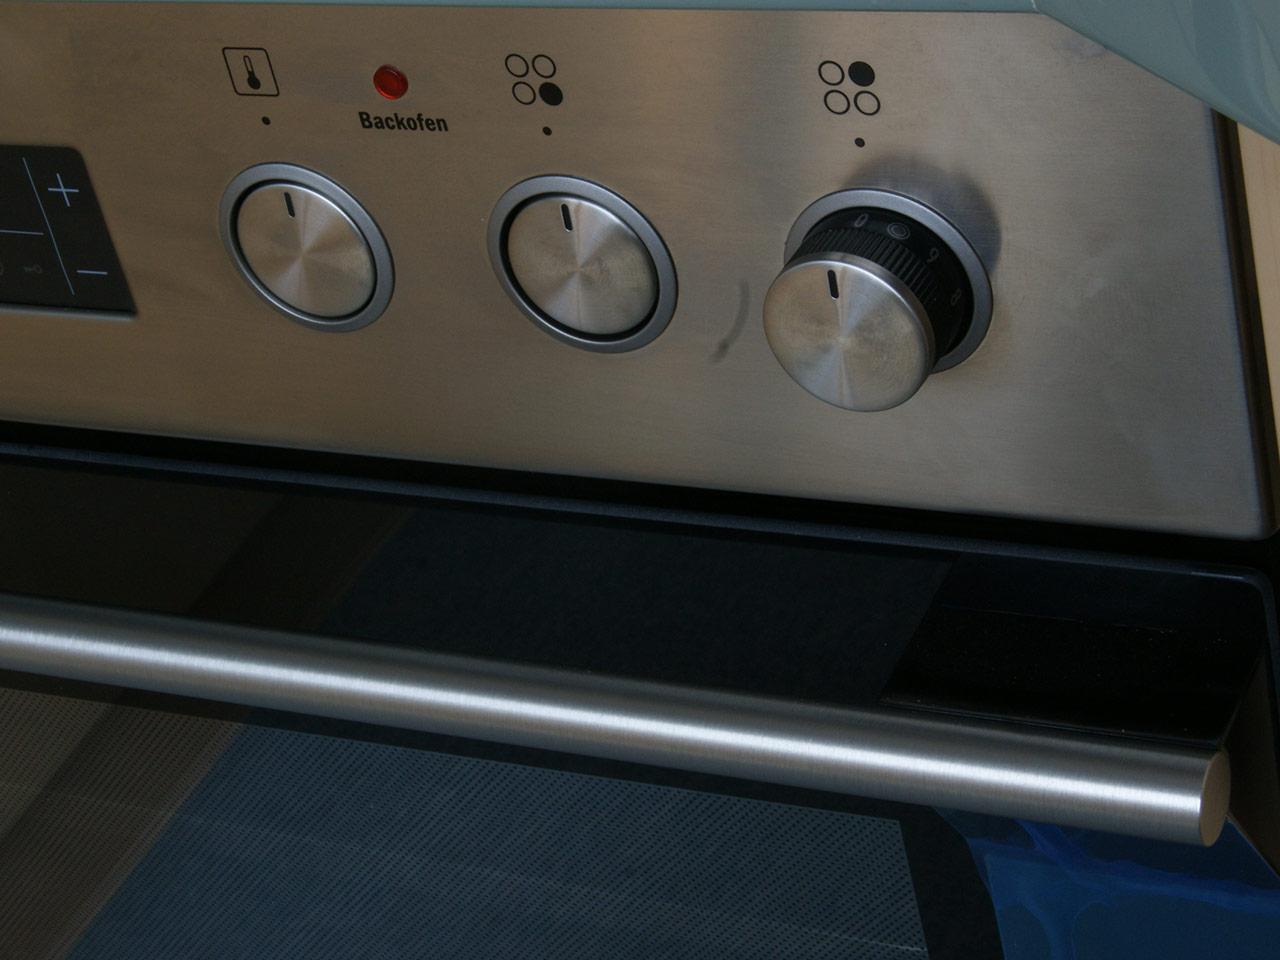 einbau edelstahl herd led touch display br terzone grill umluft hei luft ebay. Black Bedroom Furniture Sets. Home Design Ideas